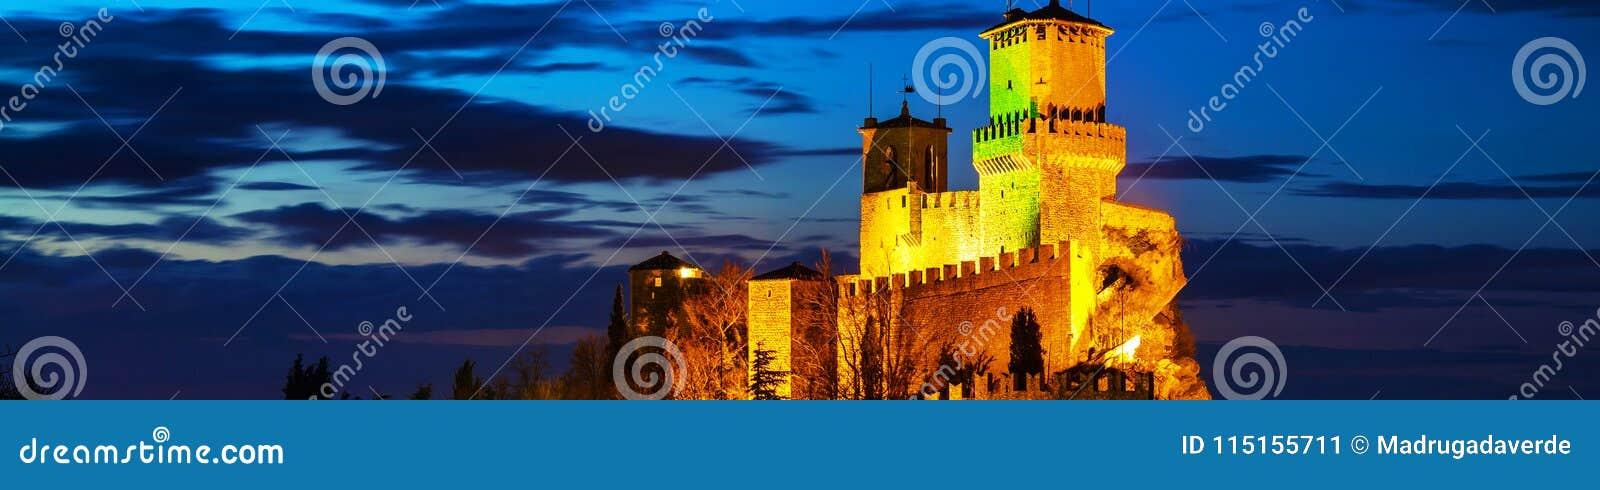 Φρούριο Guaita στο υποστήριγμα Titano στο ηλιοβασίλεμα στον Άγιο Μαρίνο